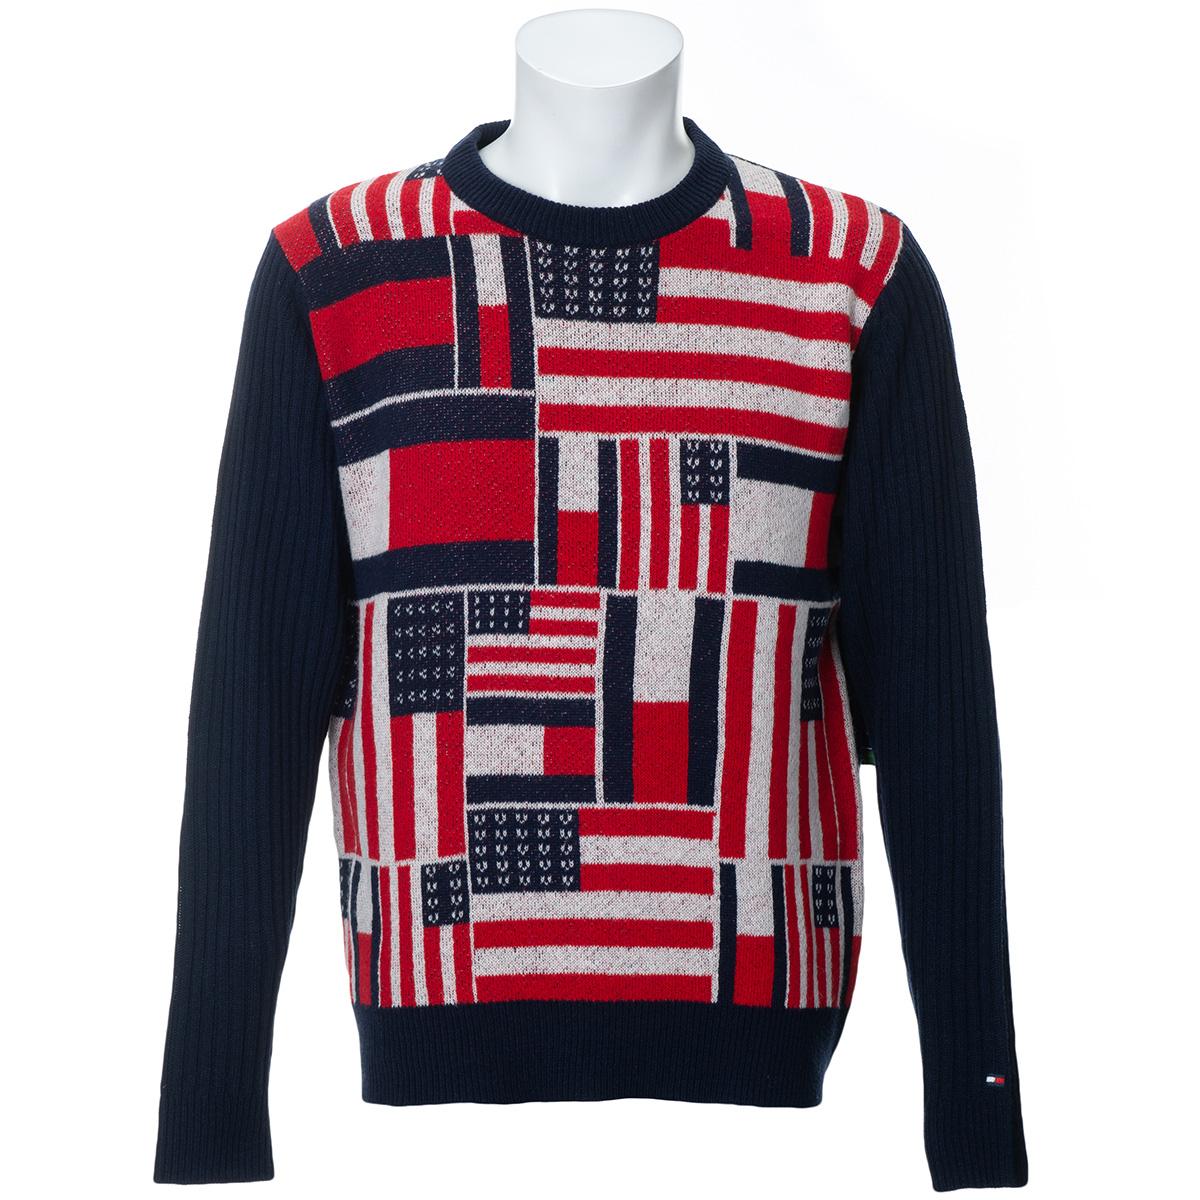 ランダムフラッグ クルーネックセーター